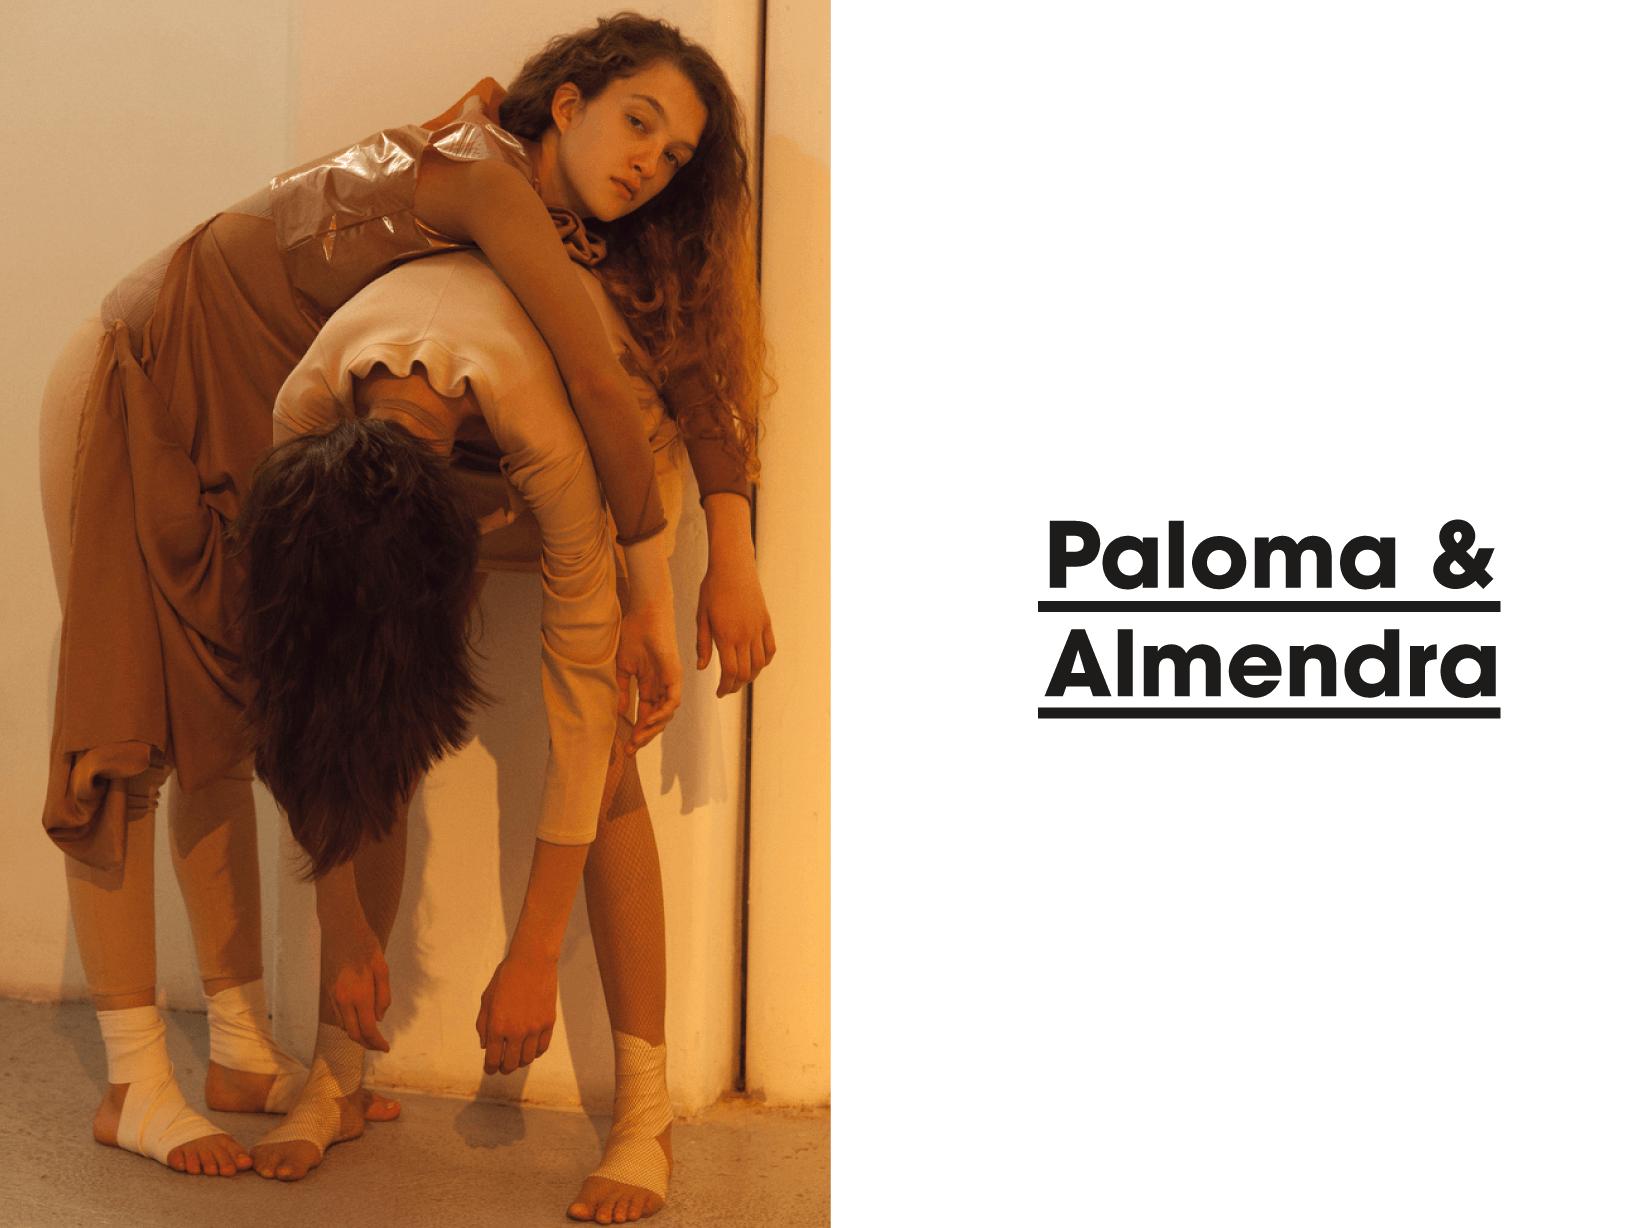 Paloma & Almendra